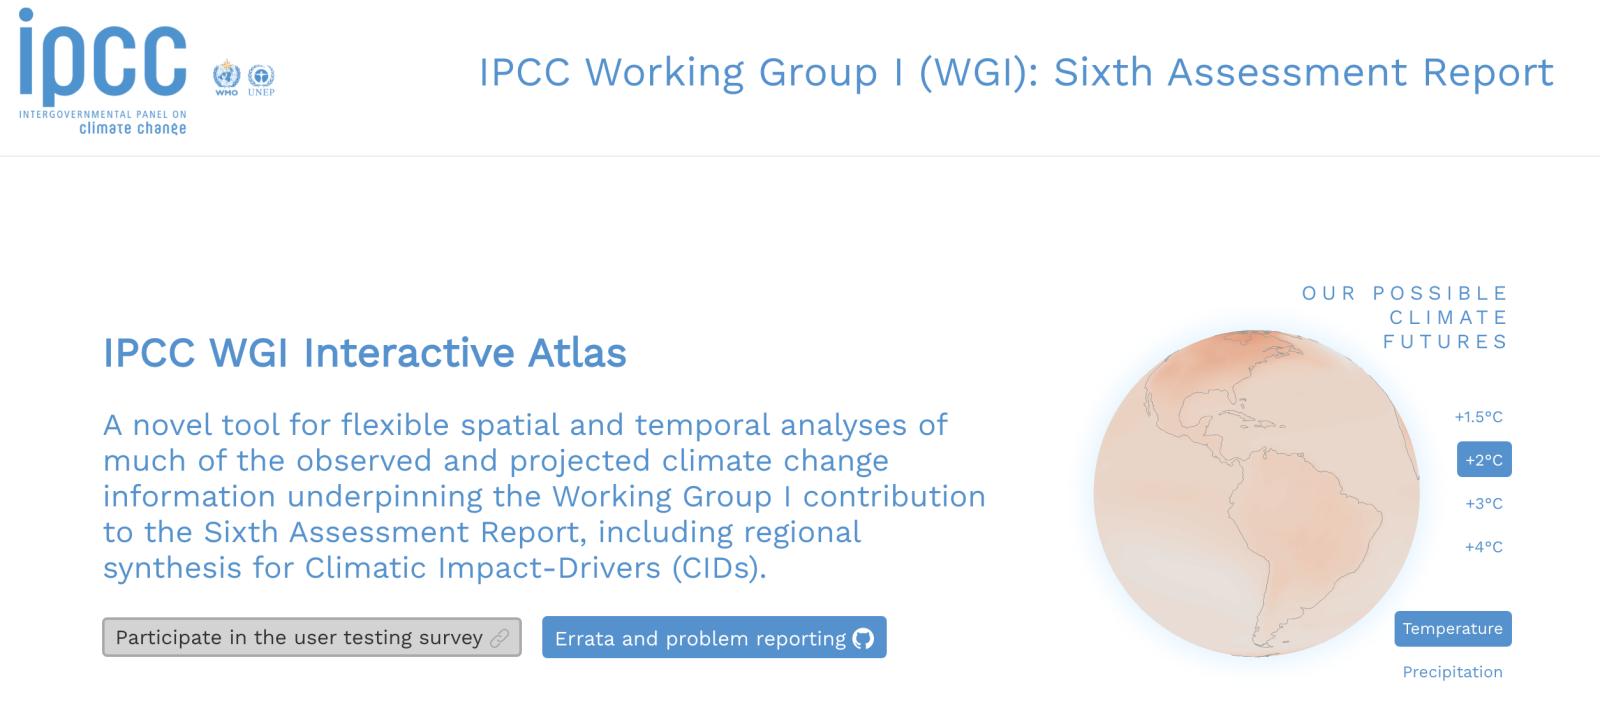 IPCC's New Interactive Atlas